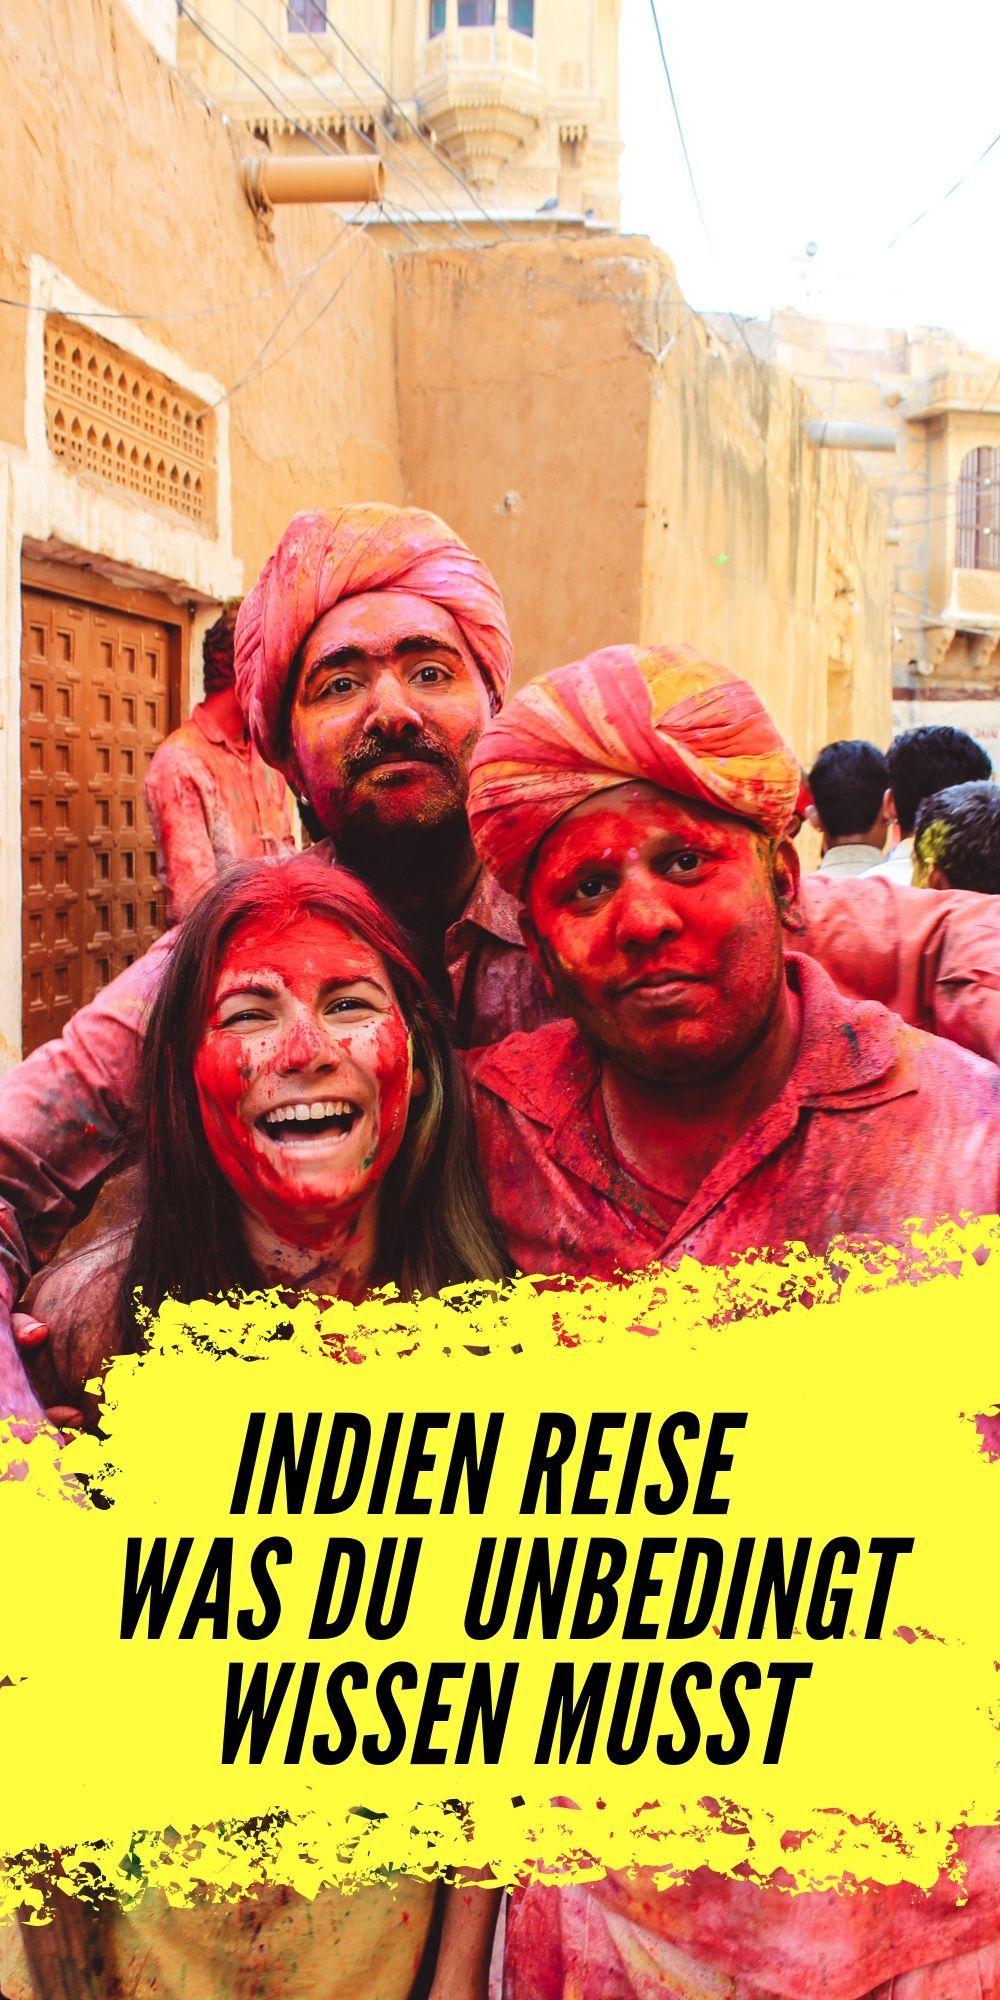 Indien Reise Was Du Vorher Unbedingt Wissen Musst In 2020 Indien Reise Indien Reisen